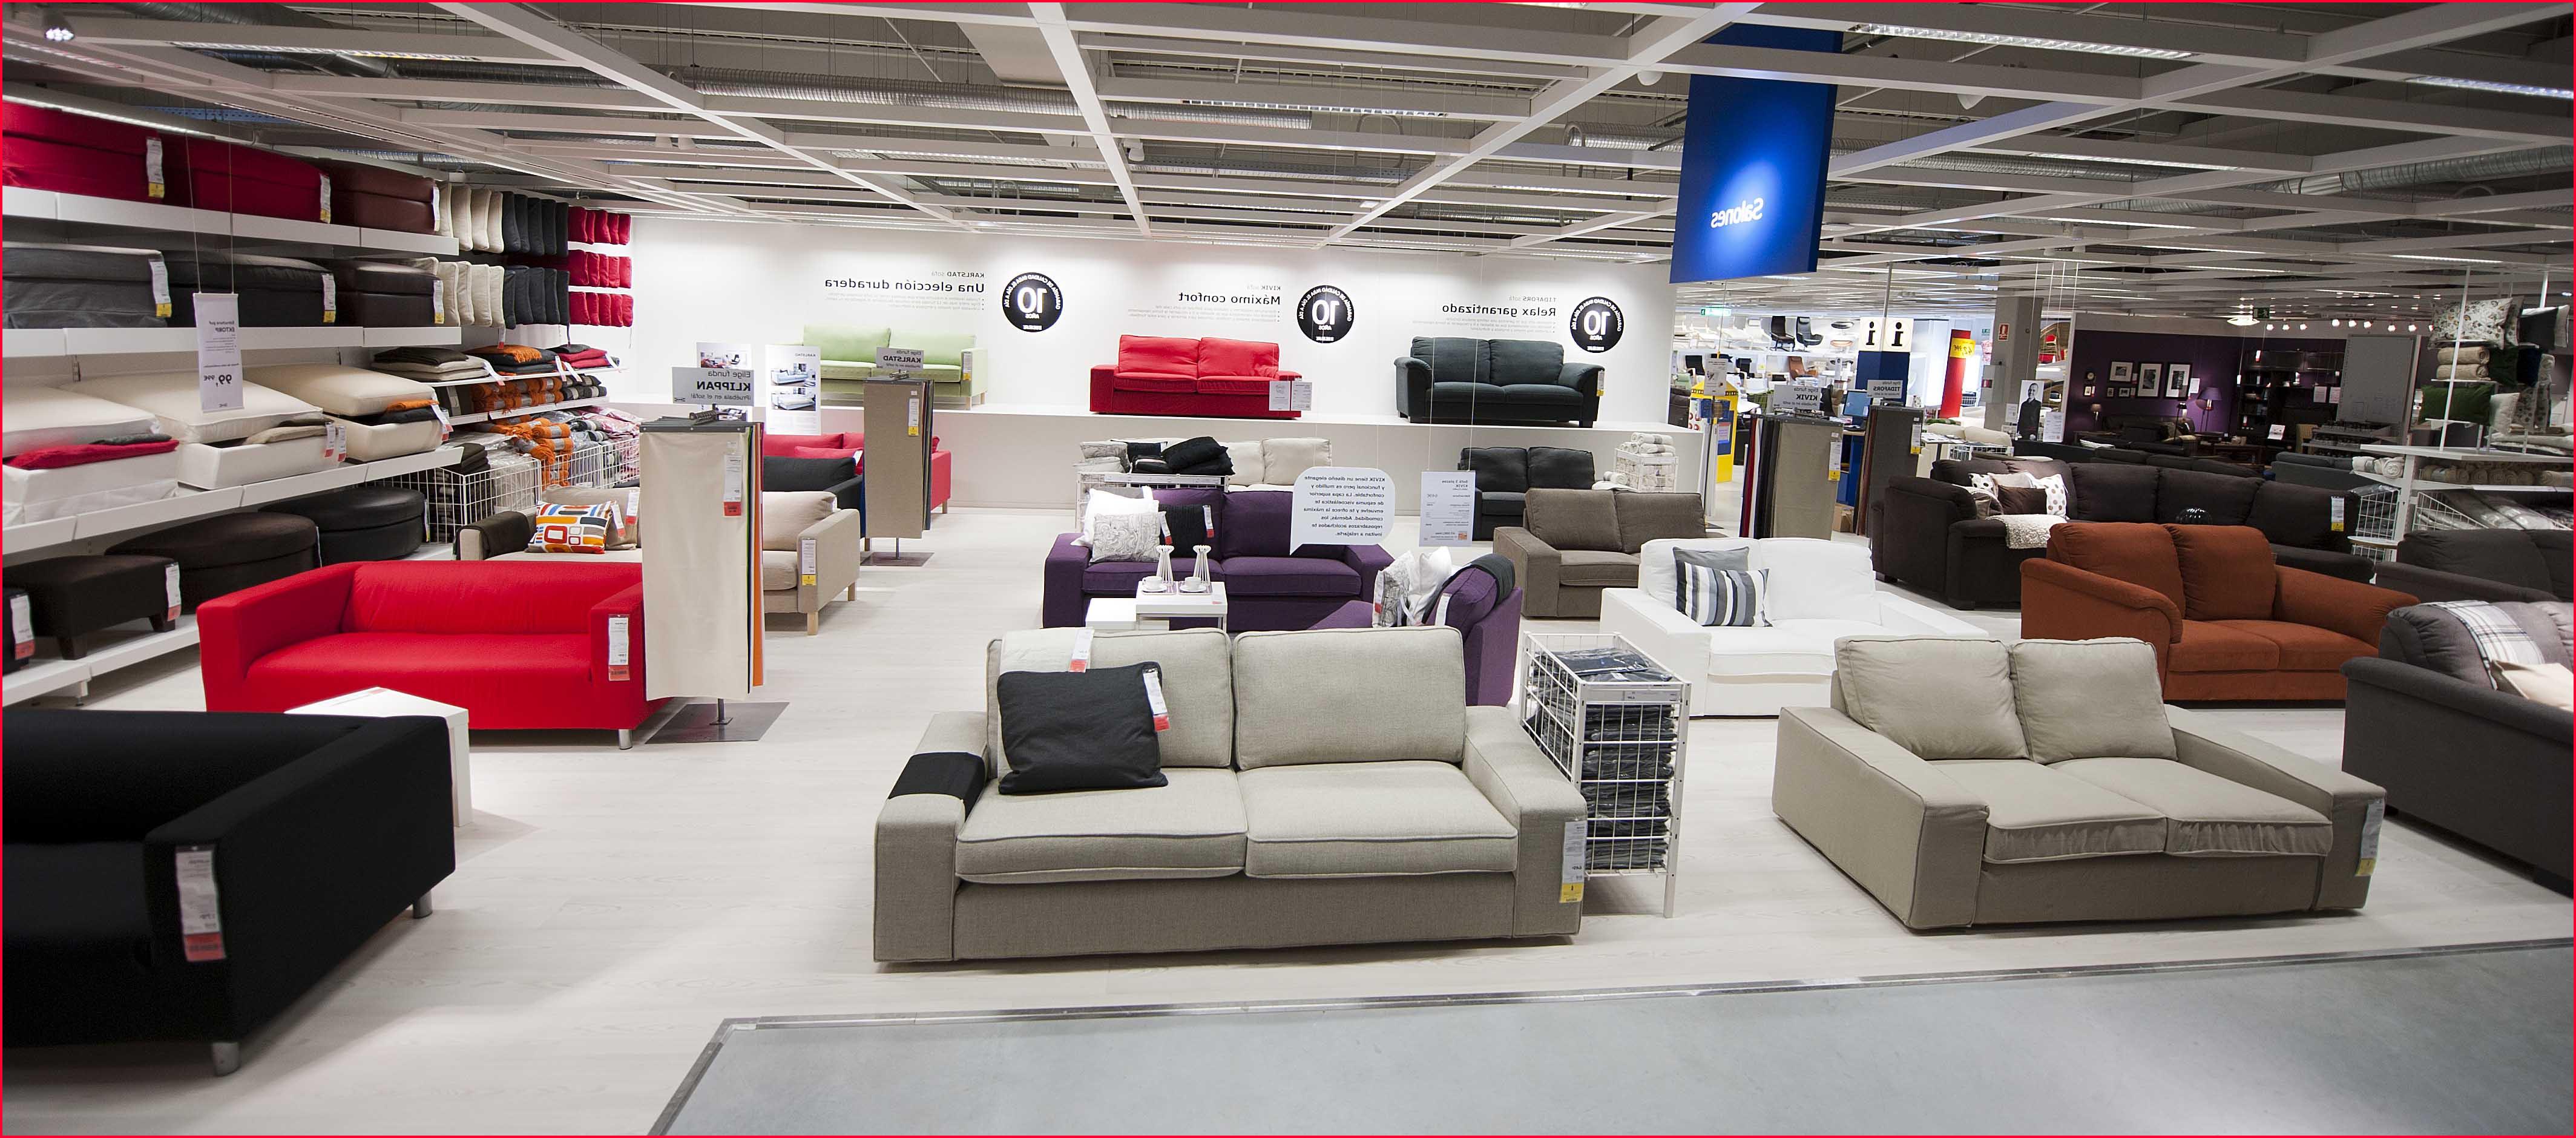 Vender Muebles Usados Barcelona Kvdd Vender Muebles Usados Barcelona Ikea Redecora Su Negocio Se